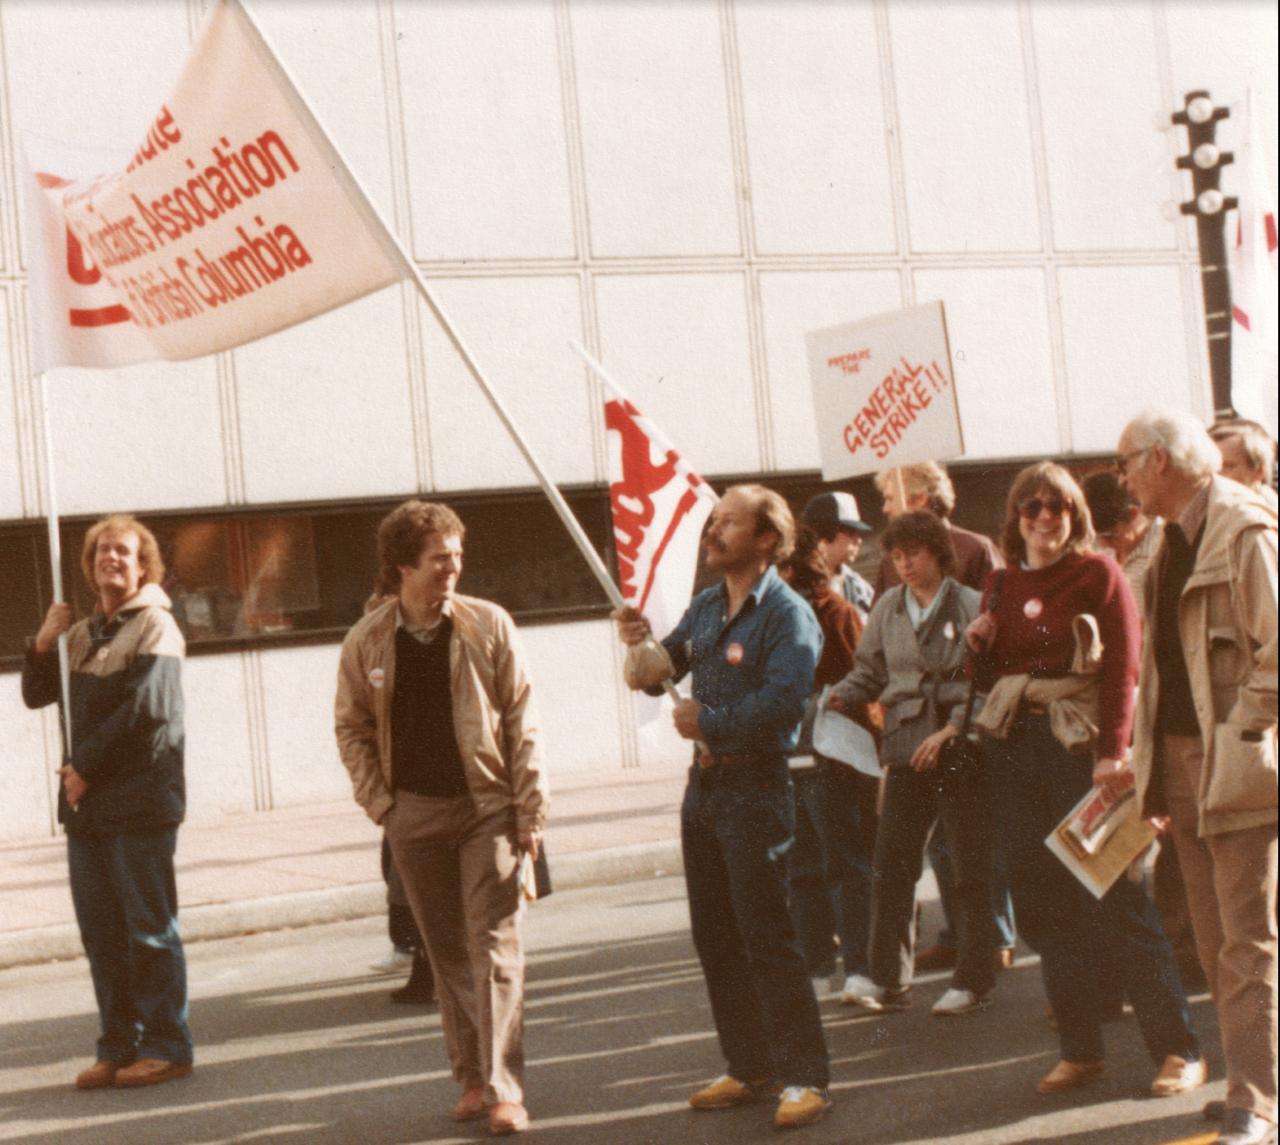 DKFA solidarity picture 1983